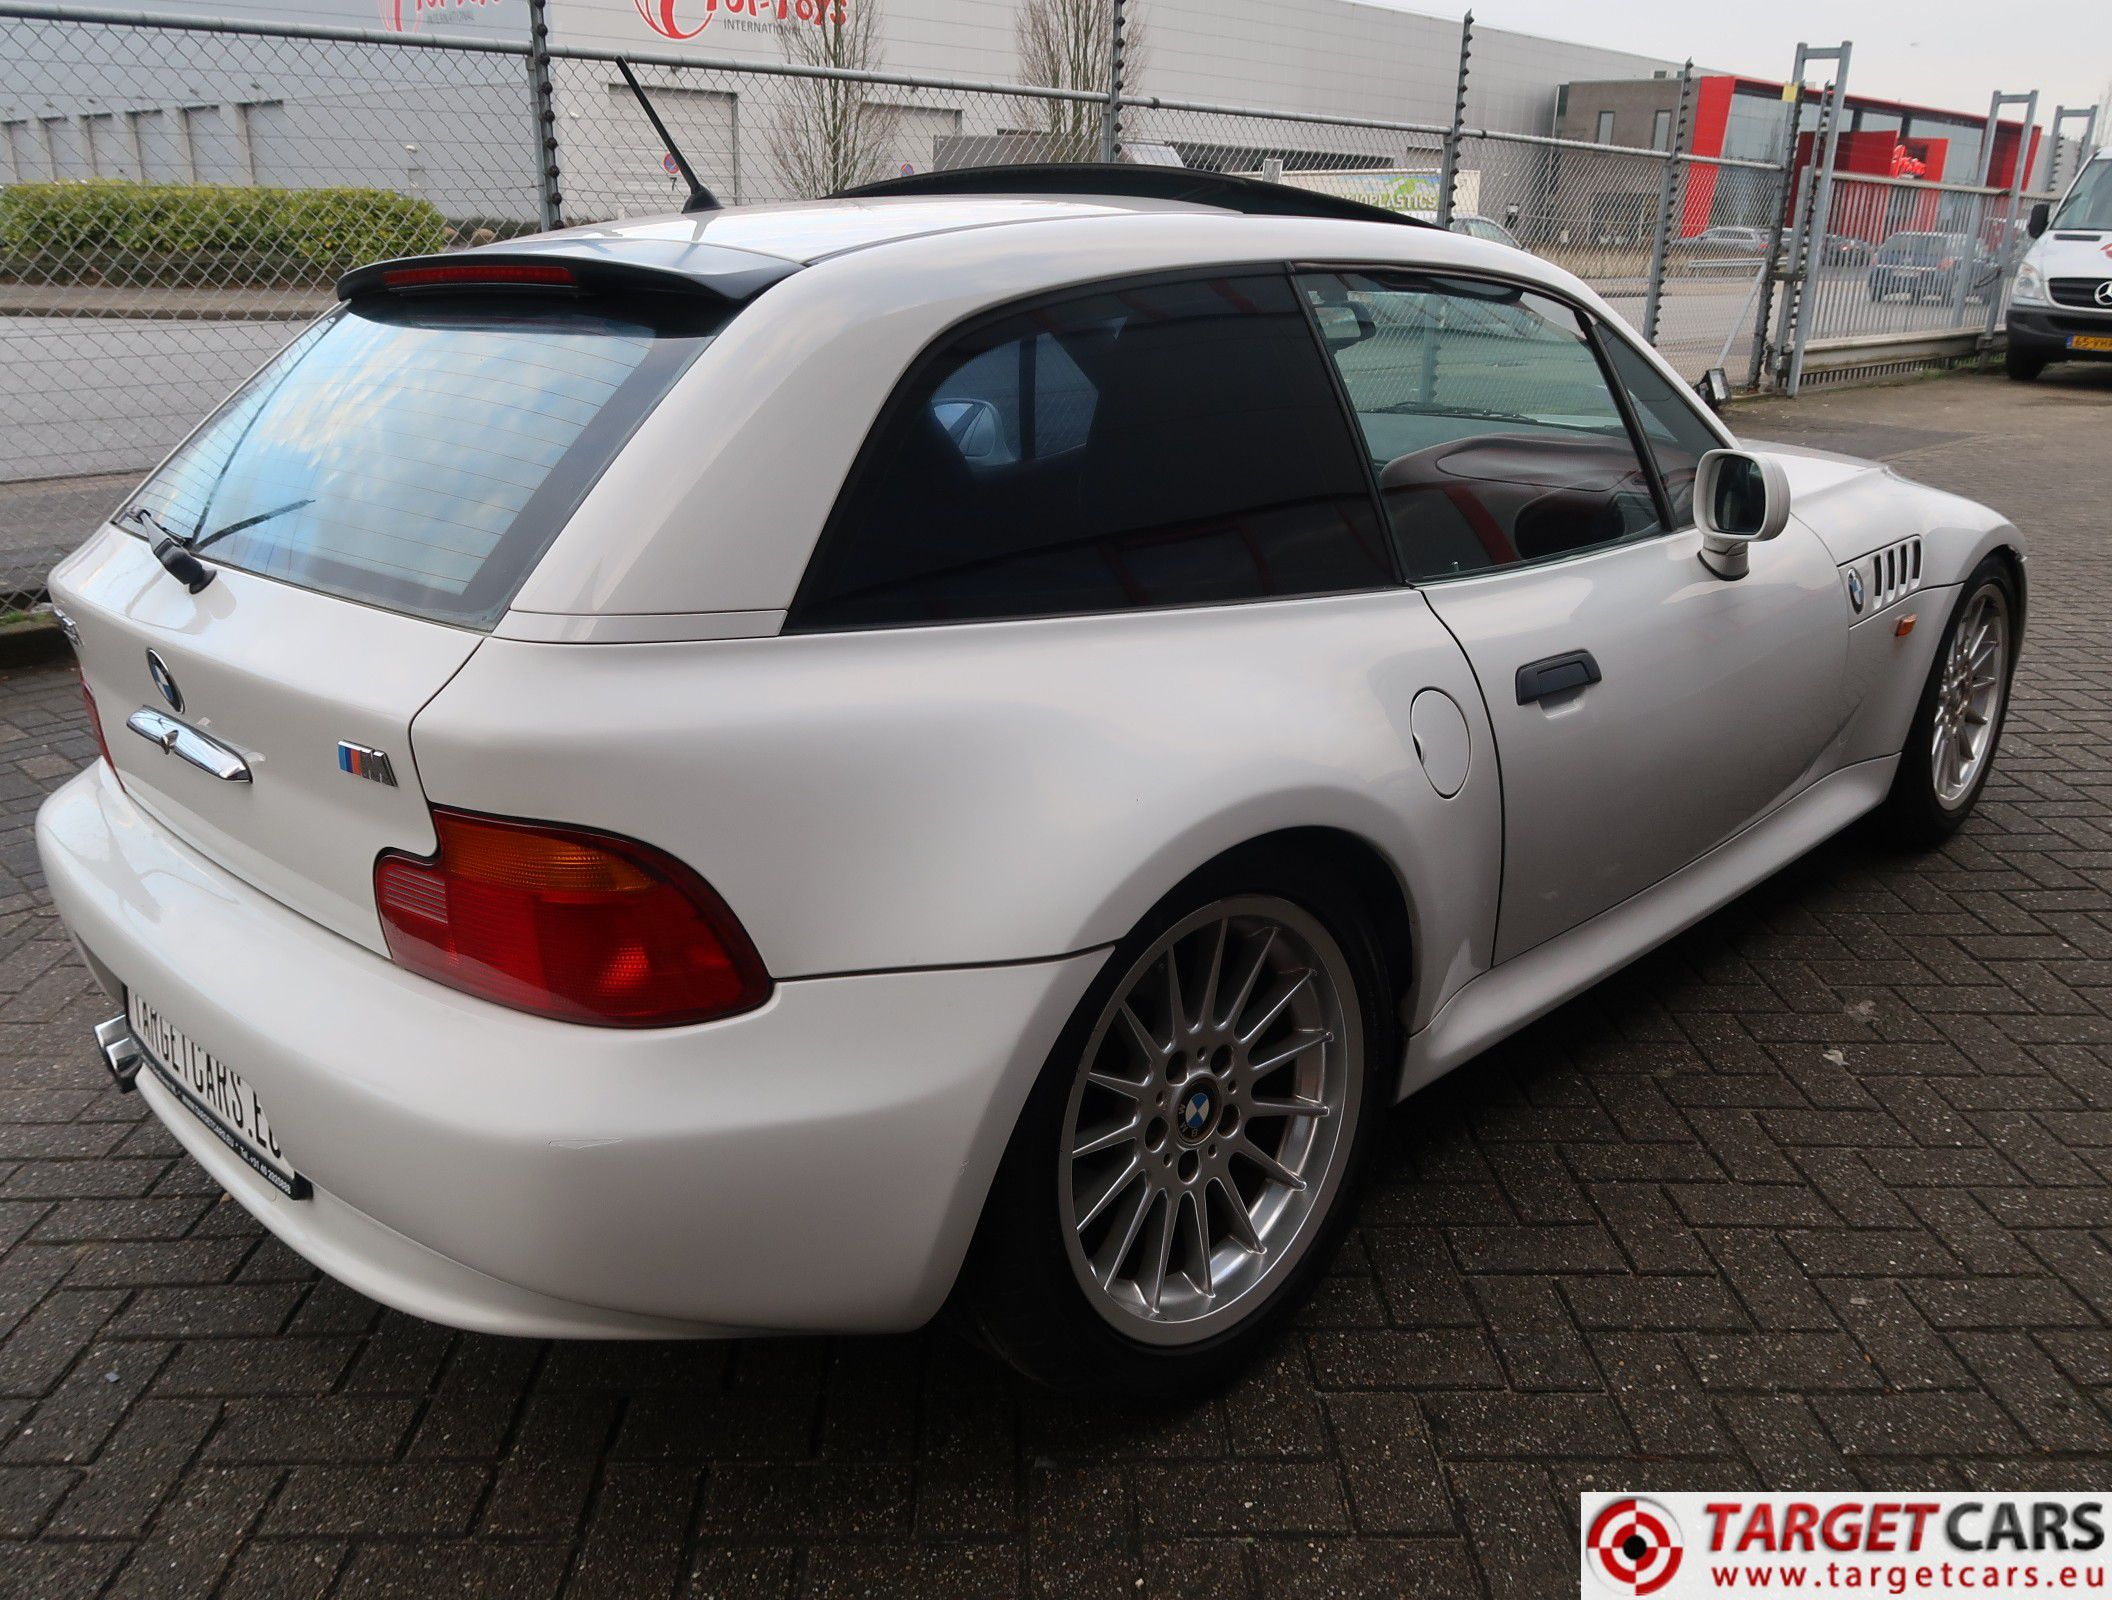 Bmw Z3 Coupe 2 8l 193hp Aut E36 08 99 White 101160km Lhd